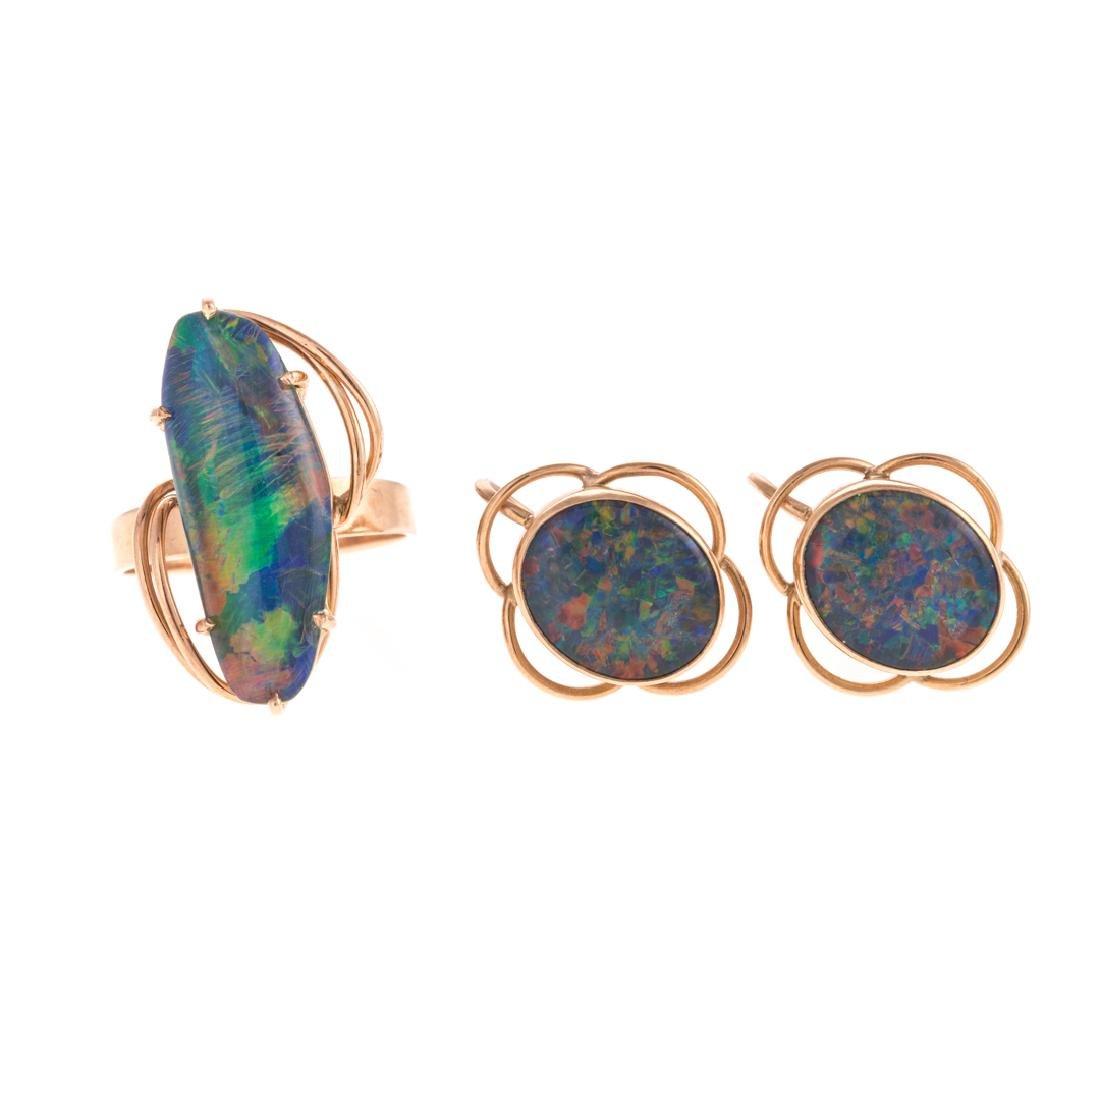 A Lady's Opal Ring & Matching Earrings in 9K